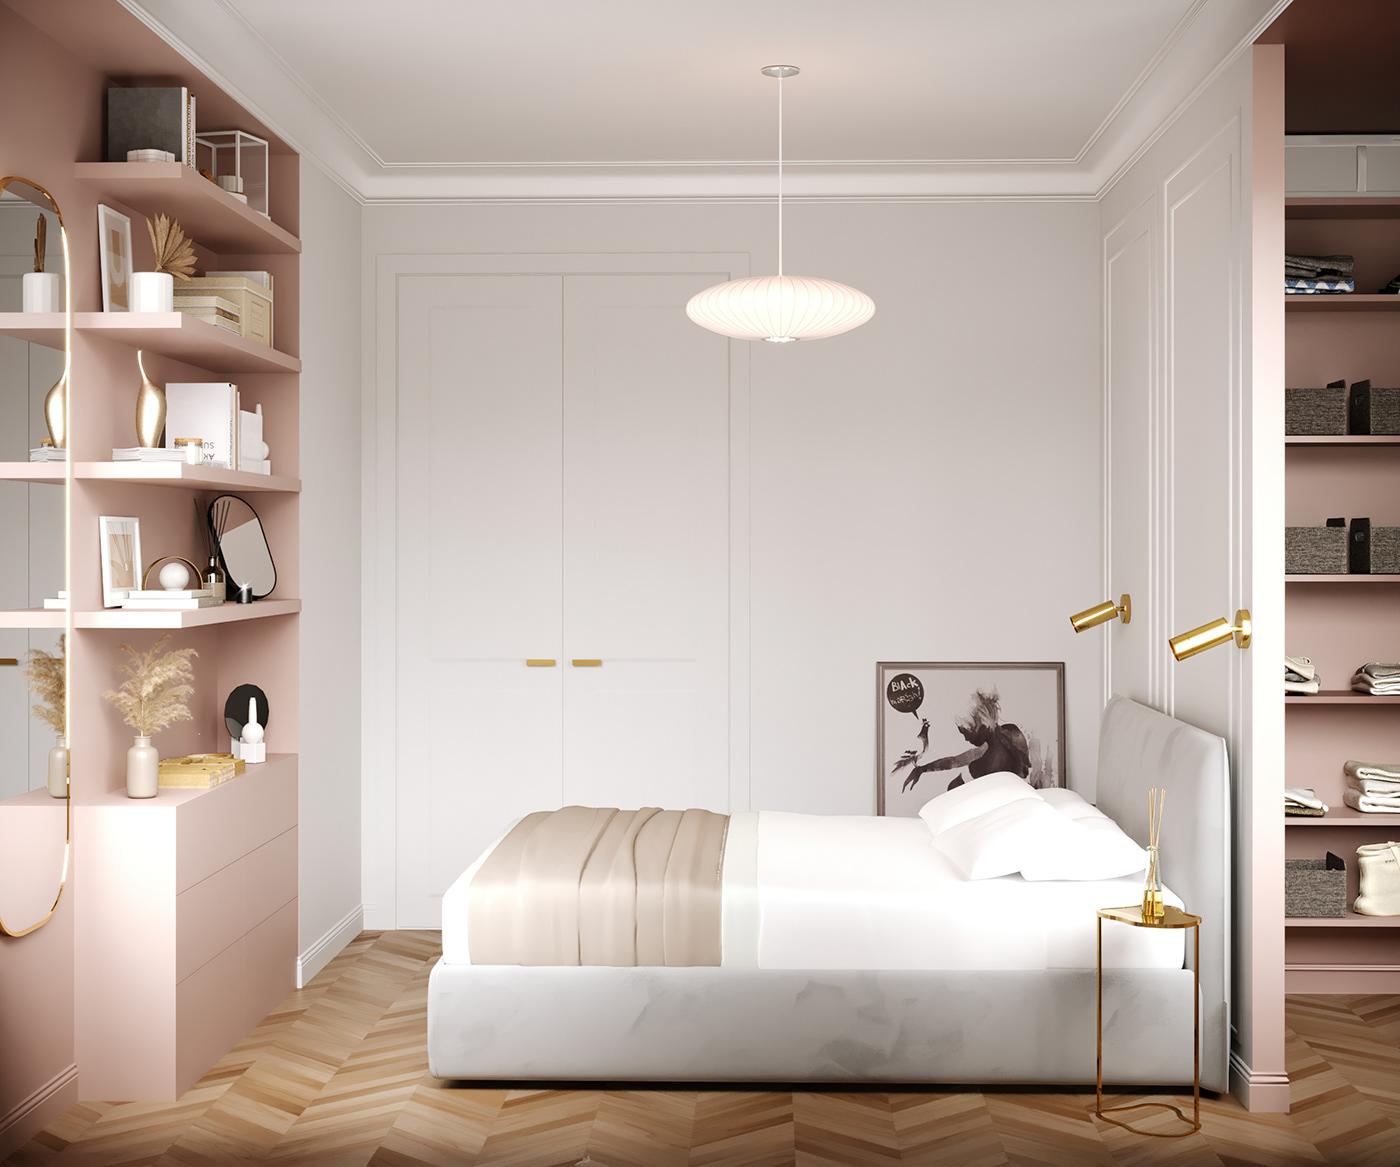 3dsmax architecture corona design Grafic Interior photo Project Render visualization